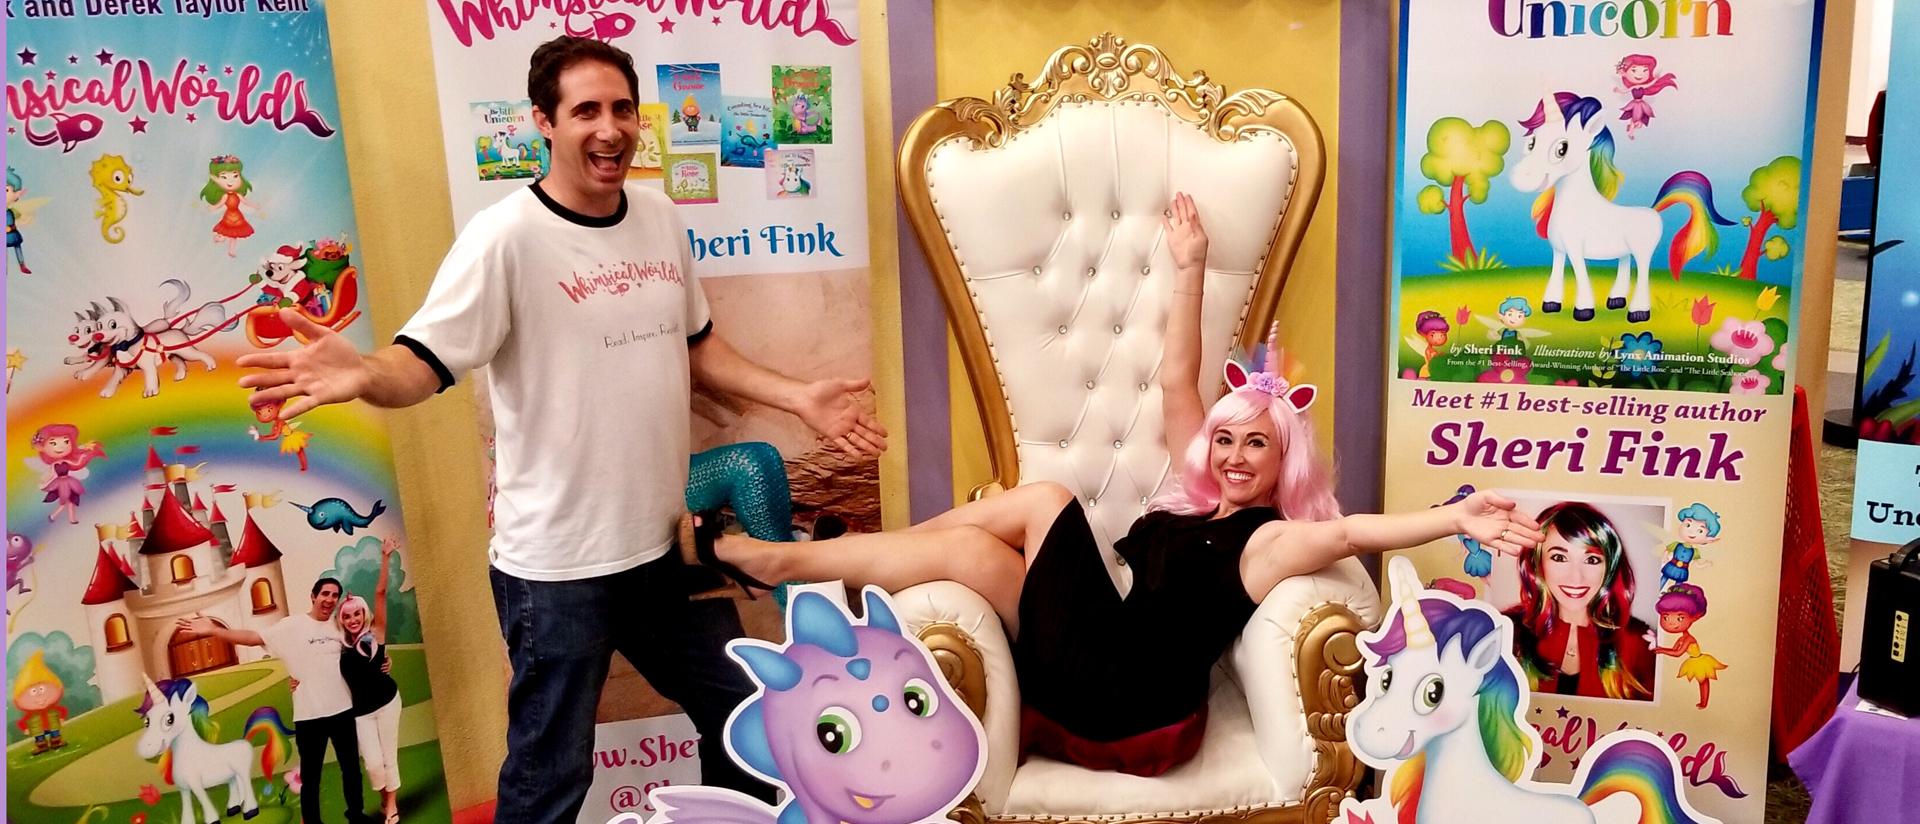 Sheri Fink and Derek Taylor Kent of Whimsical World